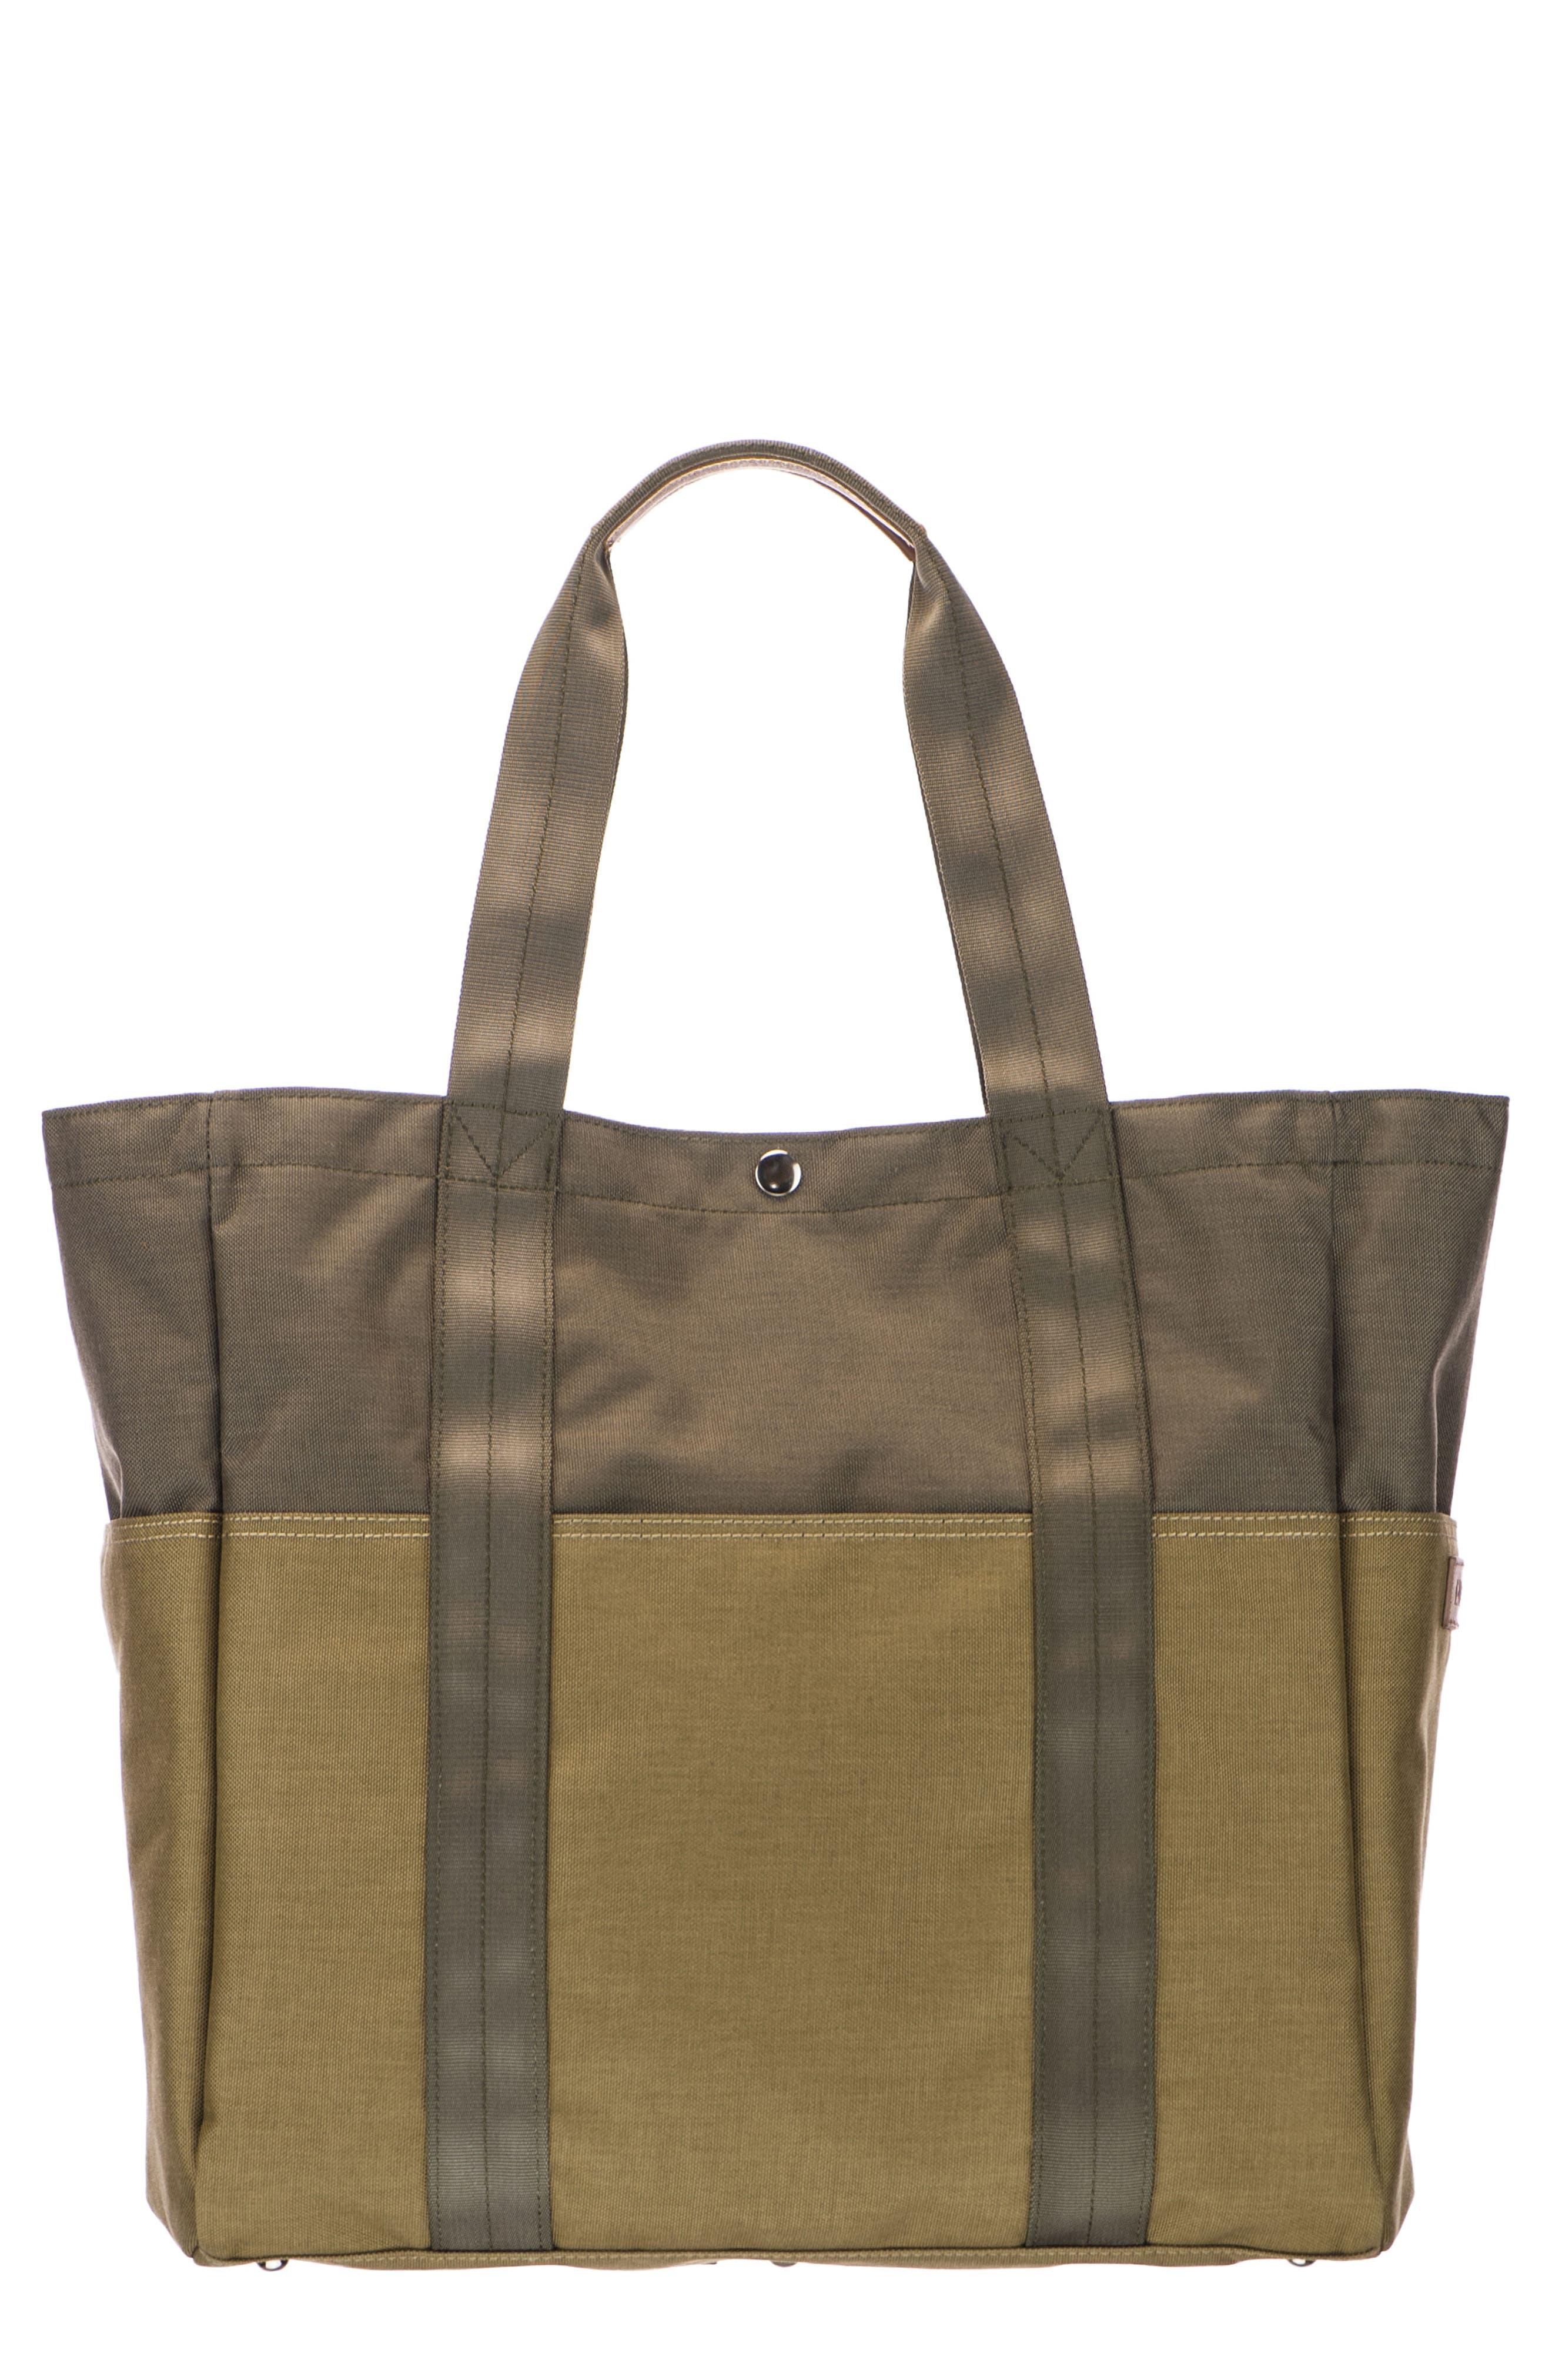 Alternate Image 1 Selected - Taikan Sherpa Tote Bag